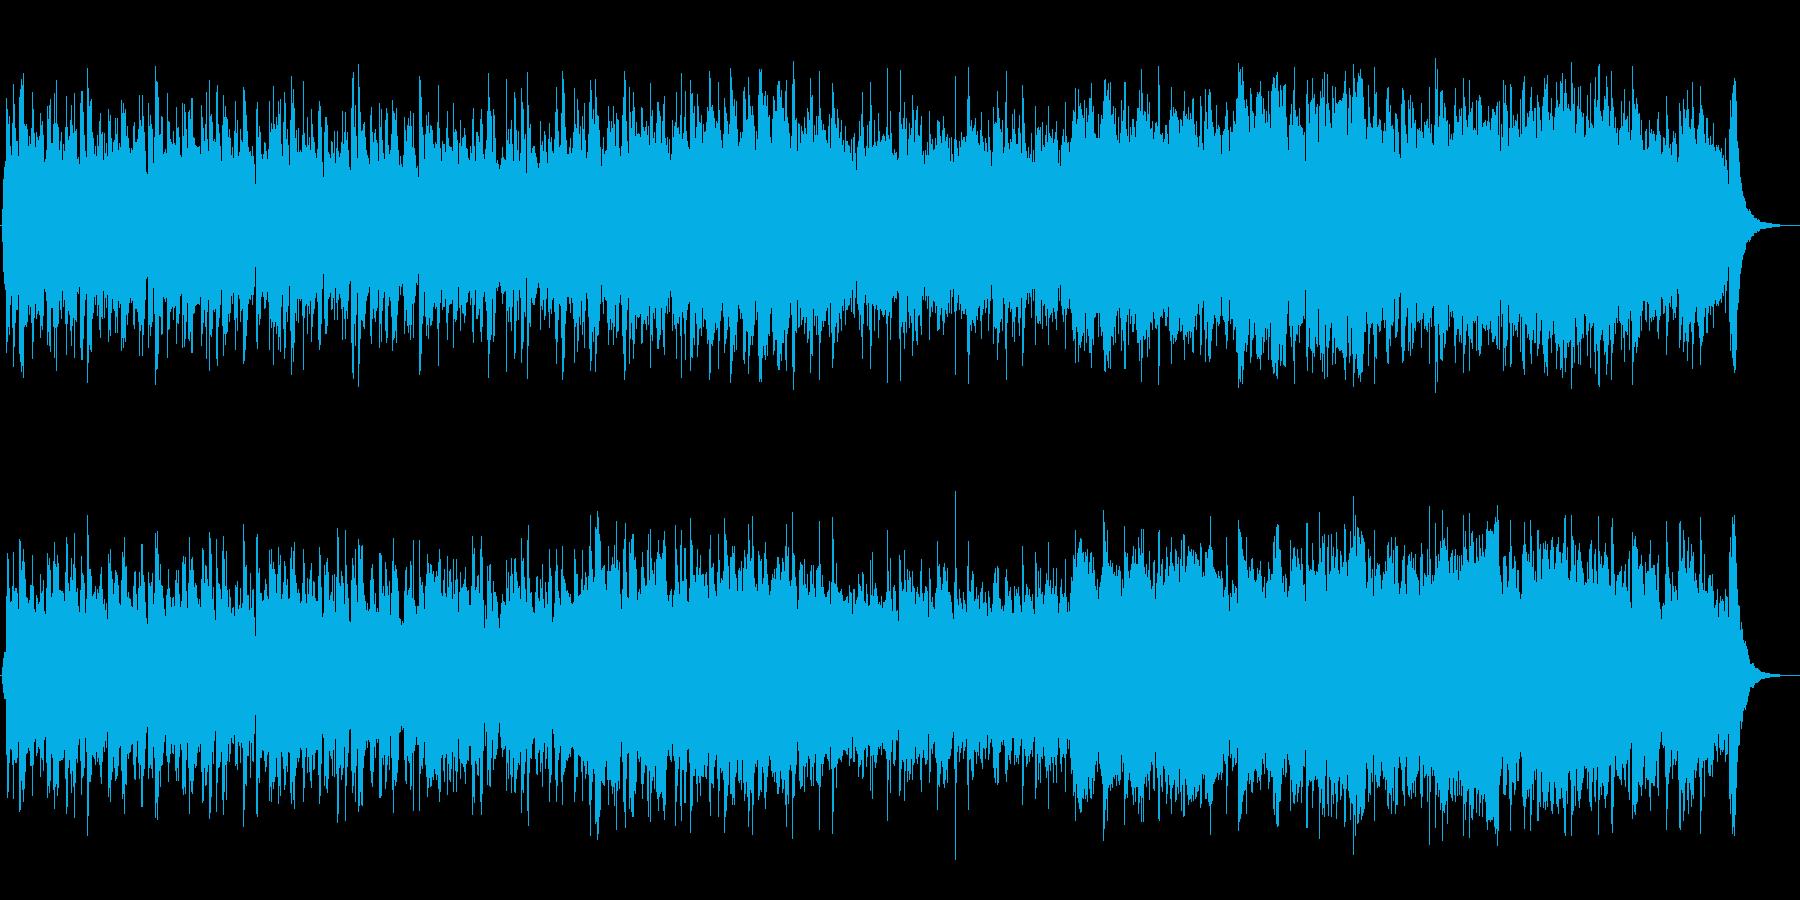 疾走感のある映像に合うオーケストラの再生済みの波形